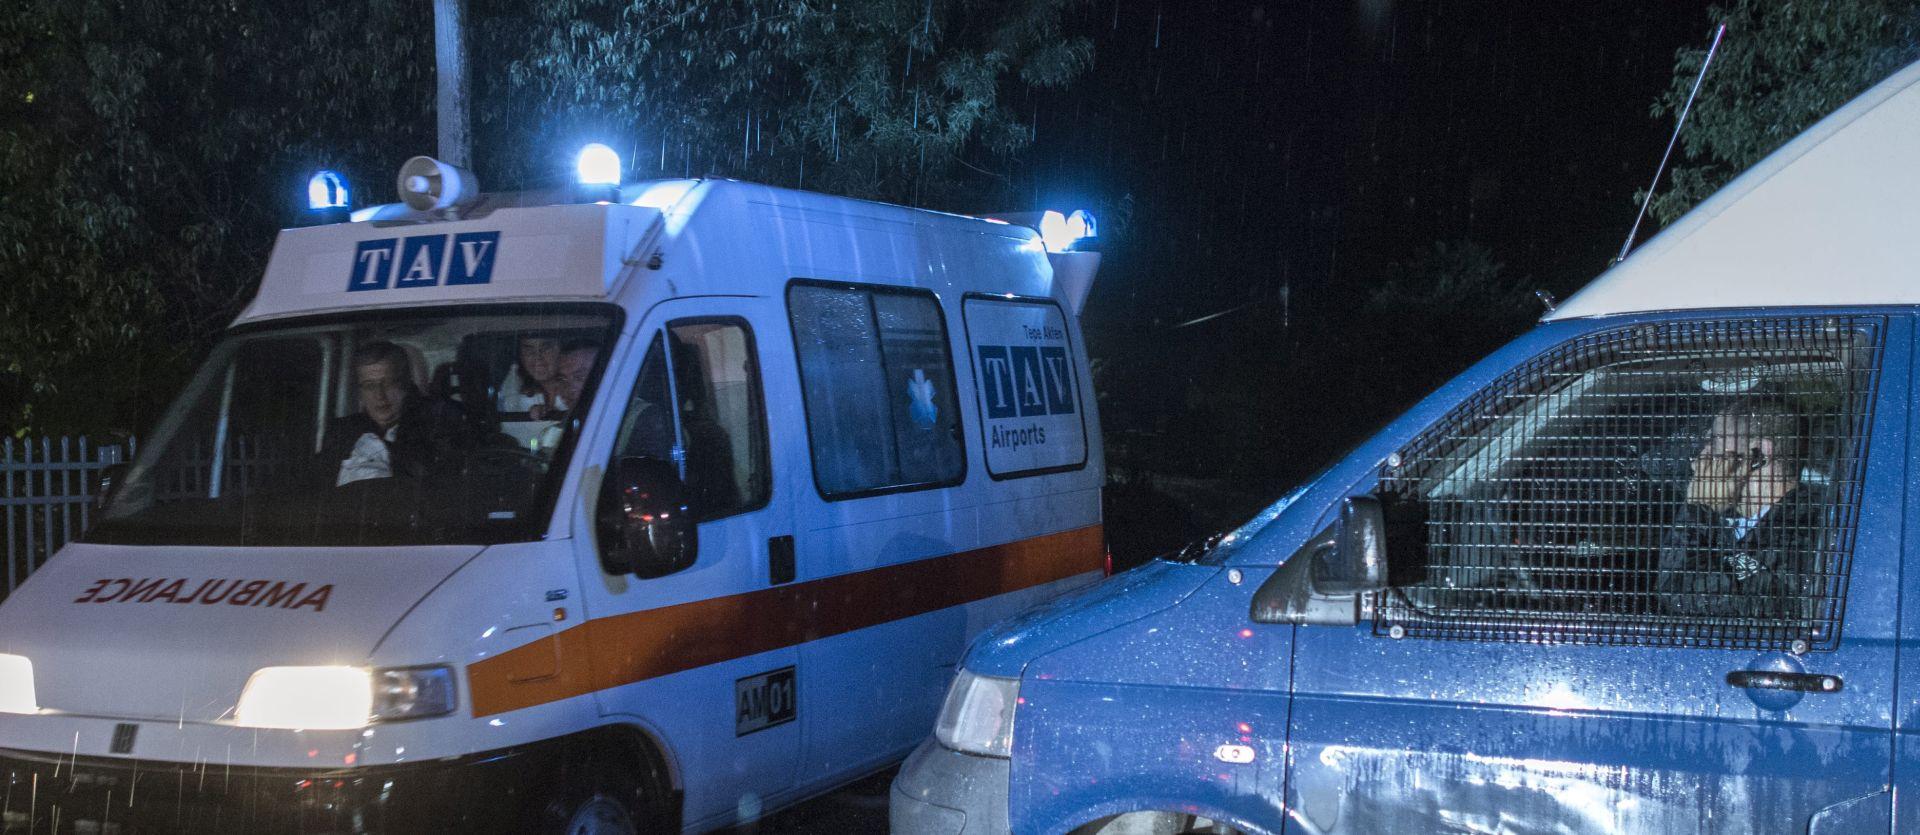 Pao avion kod Skoplja, šest poginulih